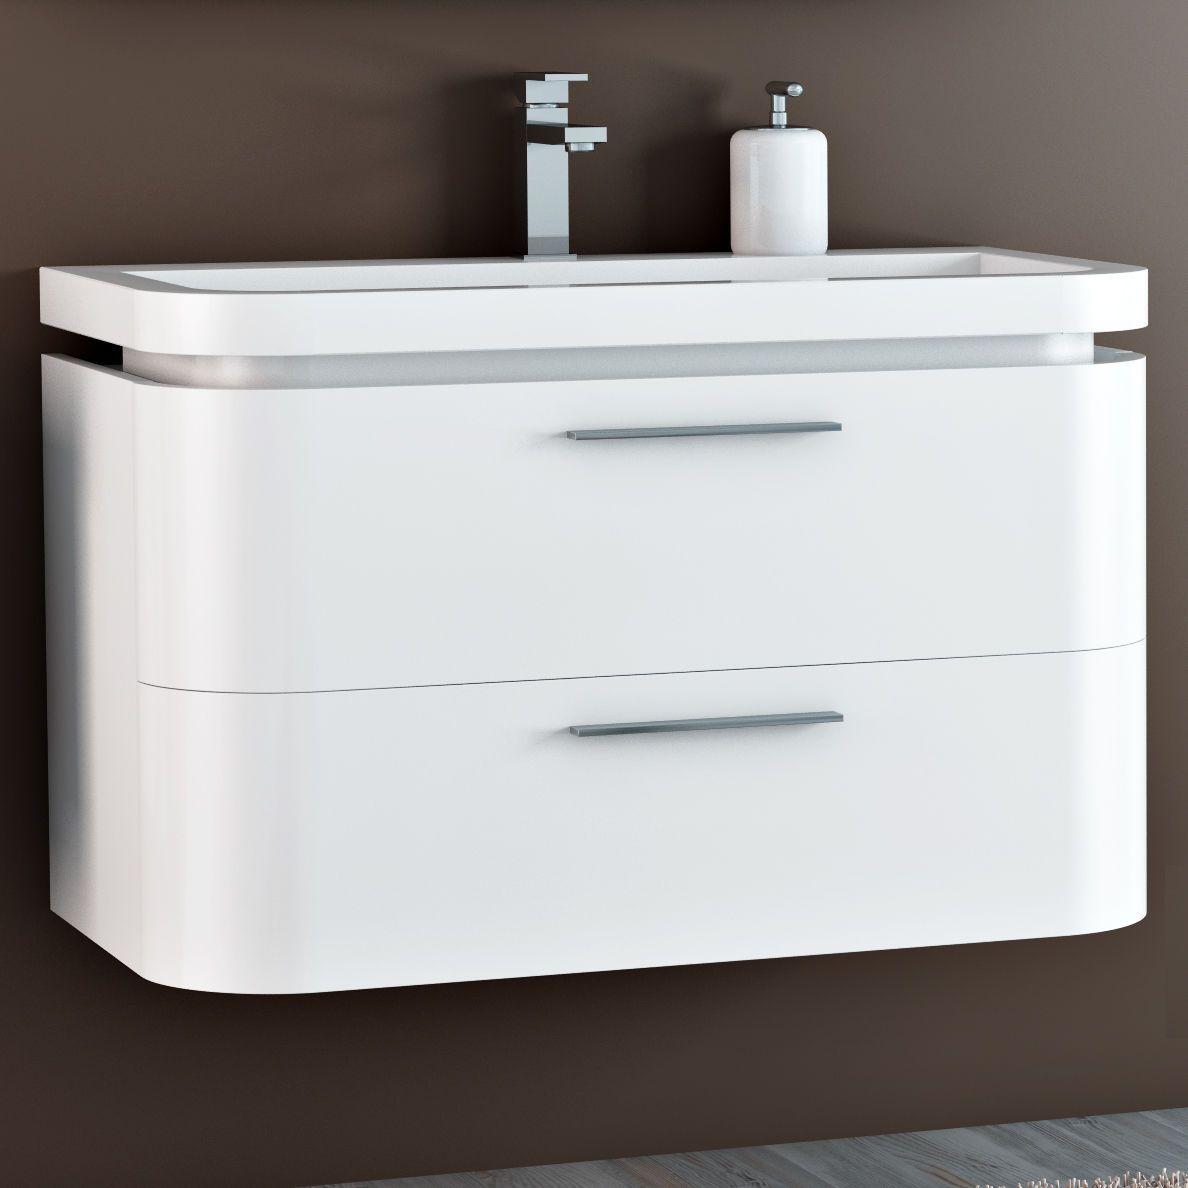 Mobile da bagno moderno saturno con 2 cassetti pa for Mobile da bagno